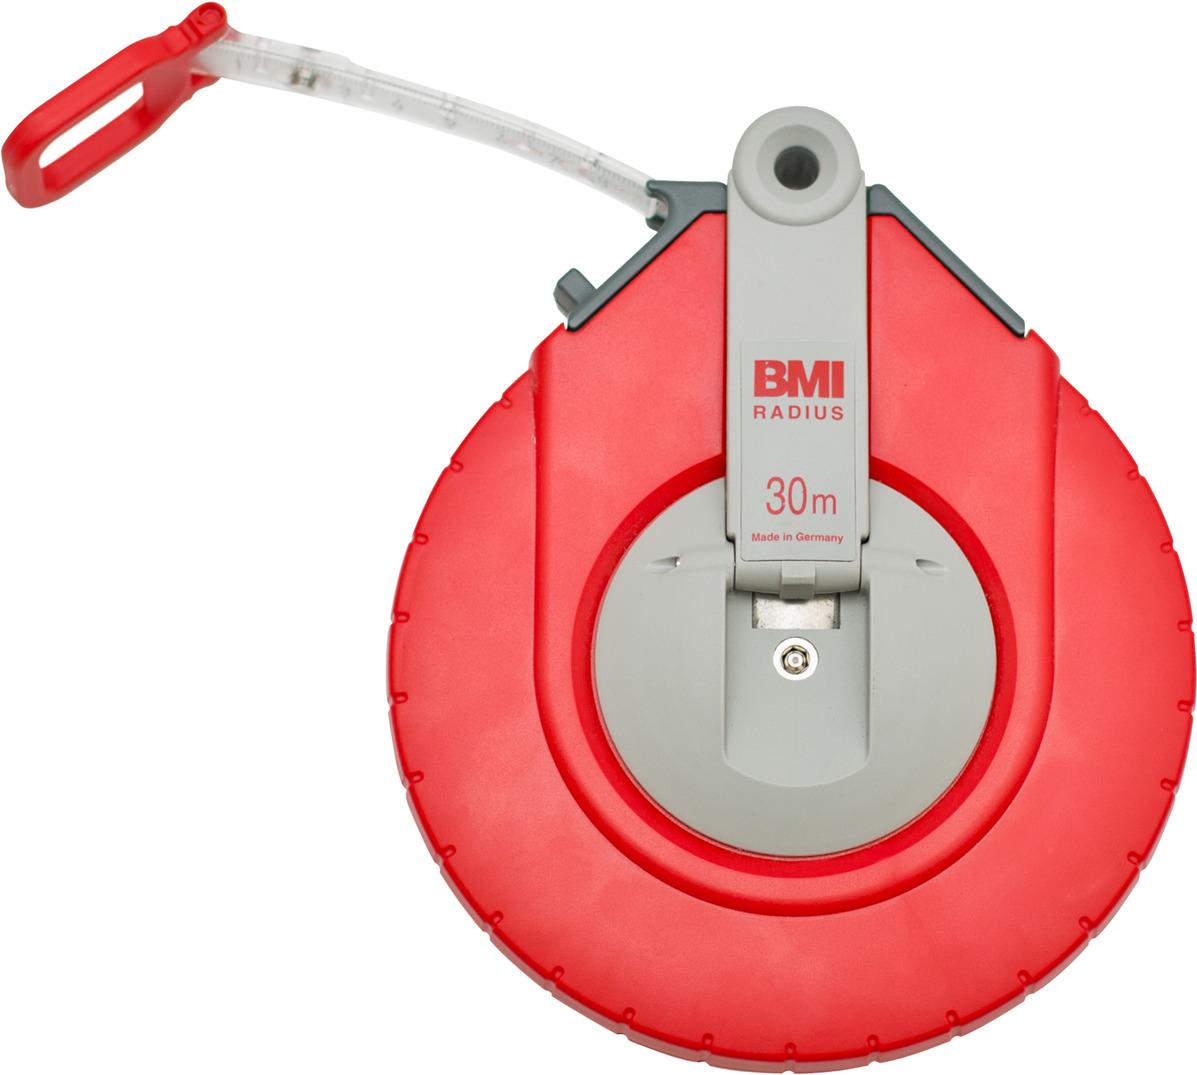 Измерительная рулетка BMI Radius, 520234030B, 30 м